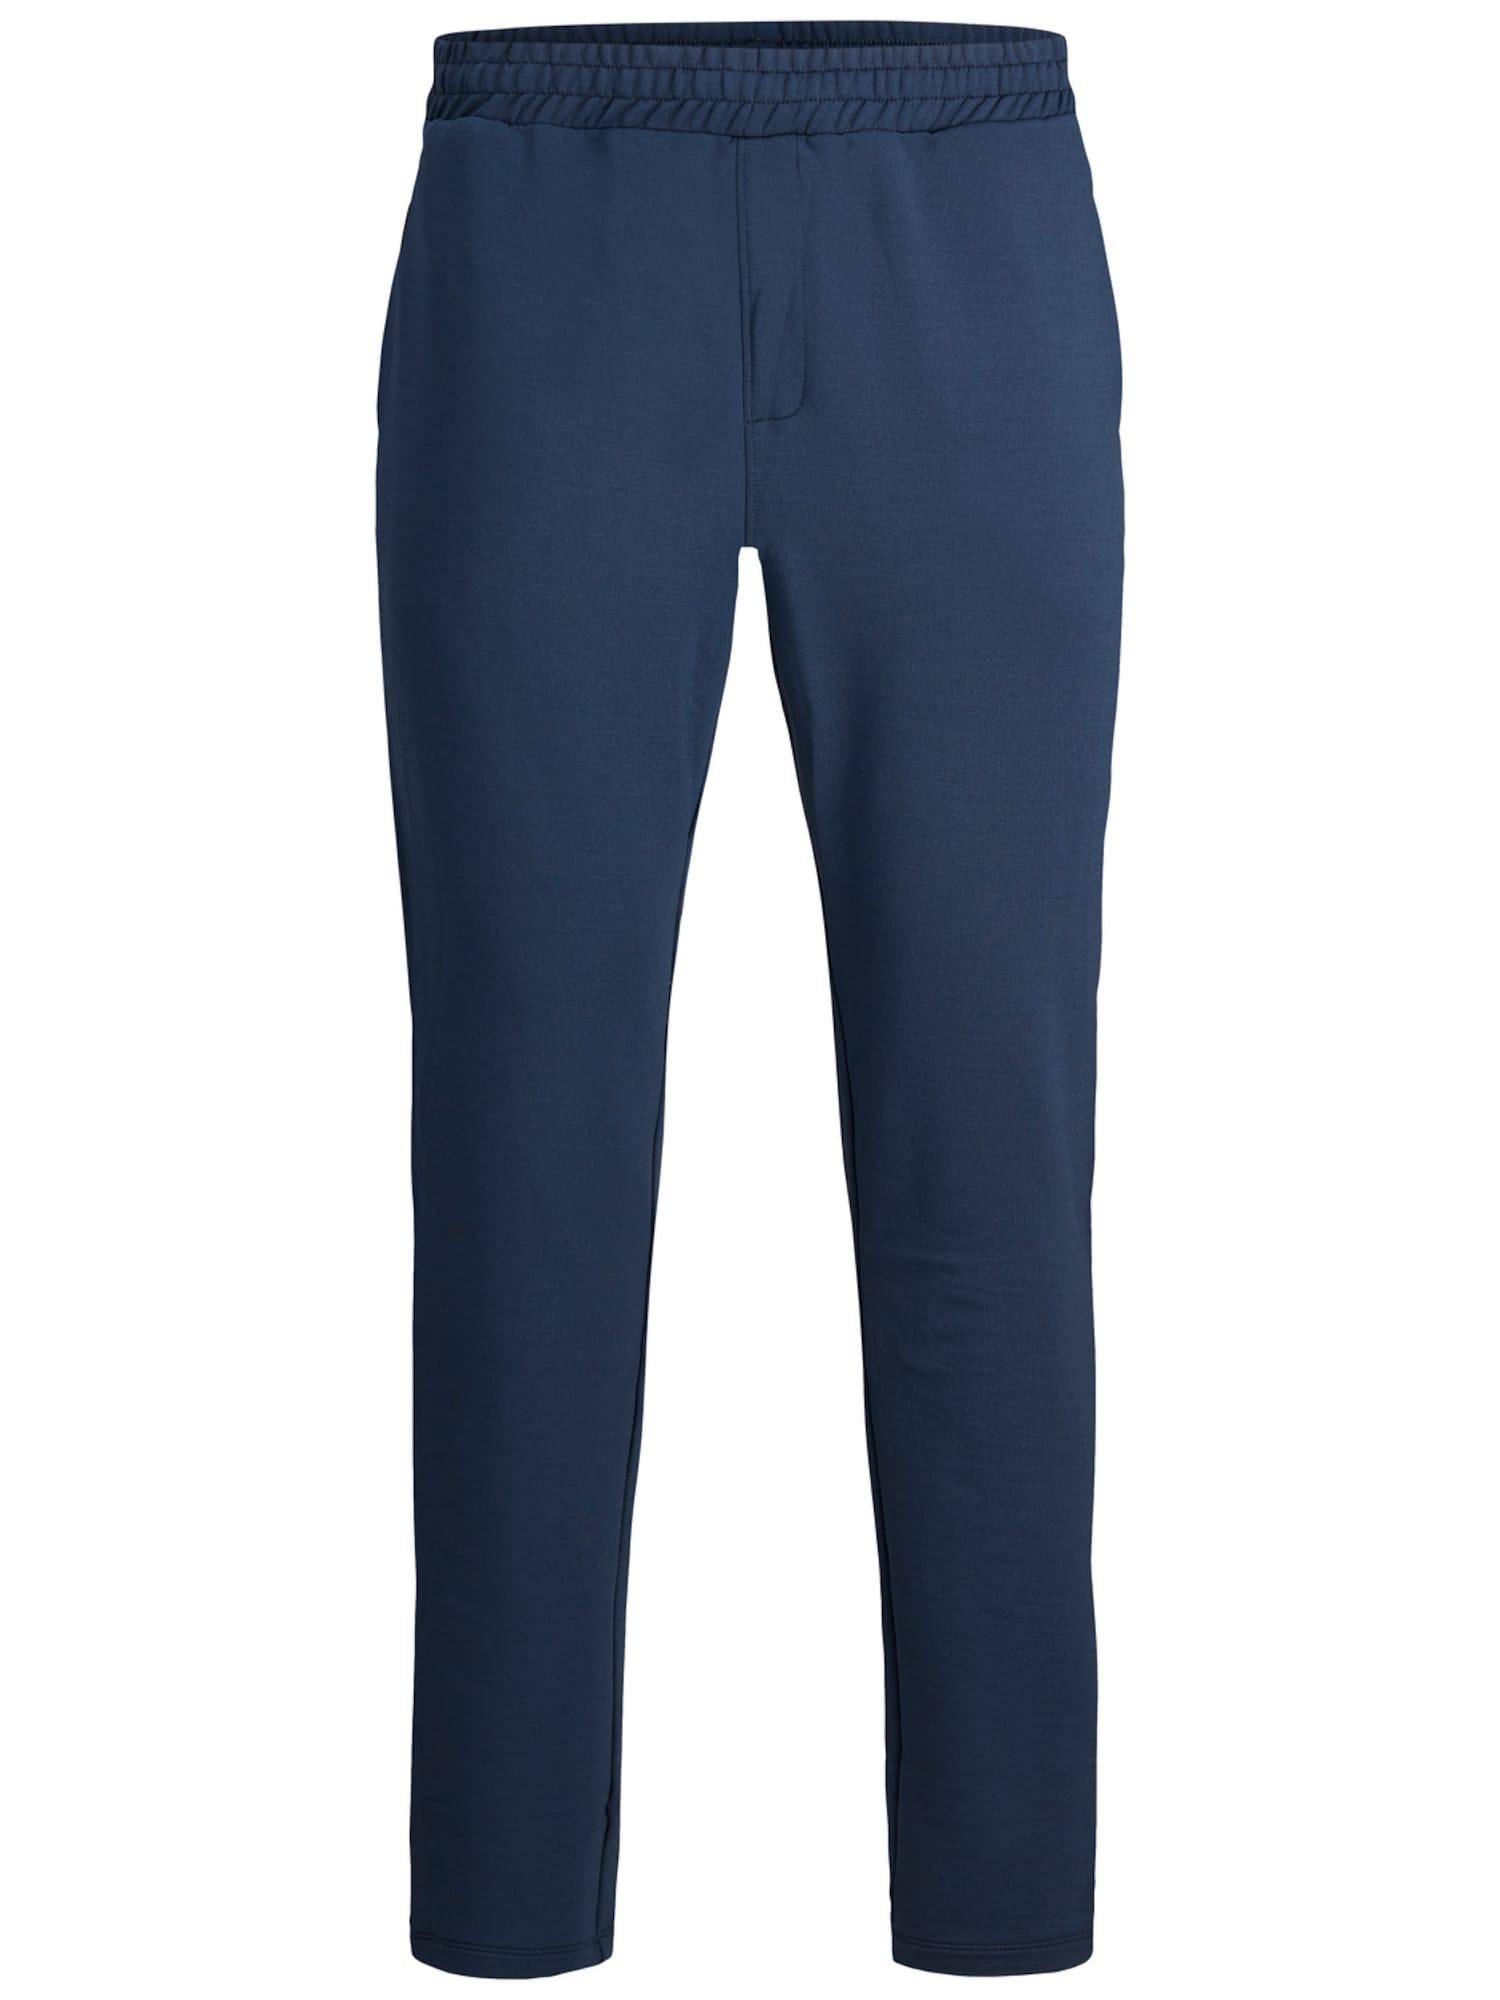 JACK & JONES Sportinės kelnės mėlyna